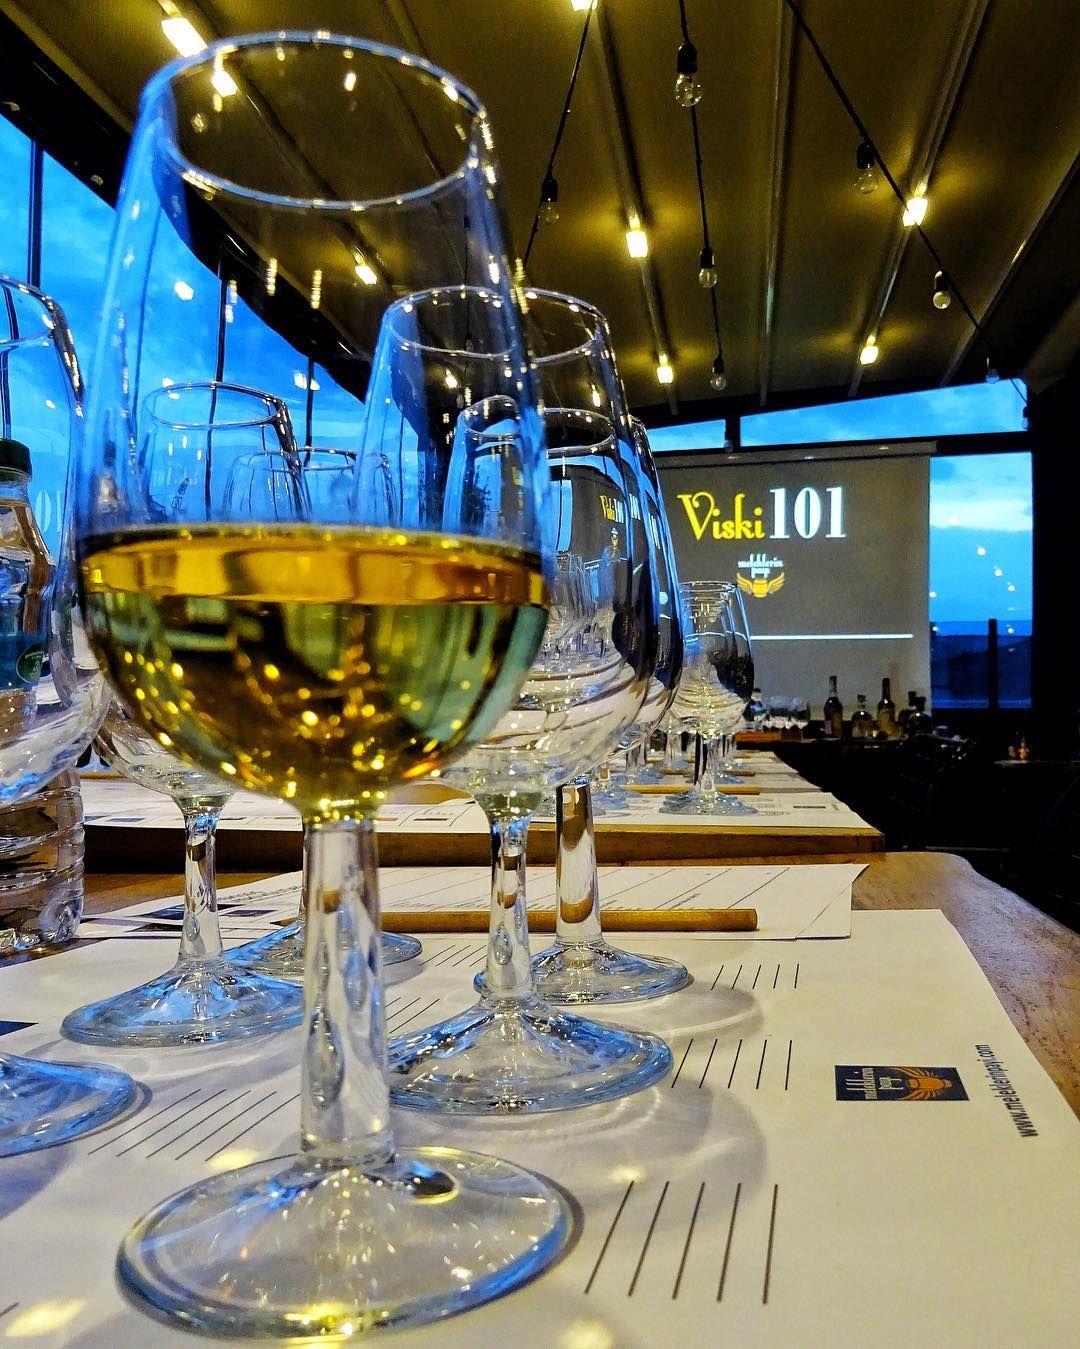 """8 Mart Dünya Kadınlar Günü'nde @subkarakoy Hotel'de gerçekleştirdiğim Viski 101 atölyemde viski kültürünün temellerini konuştuk ve tamamen farklı tat ve koku profillerine sahip 7 viski tadarak bir kez daha """"bütün viskiler aynı değilmiş"""" dedirtmeyi başardık Gecenin açılışını hem Speyside tek maltlarının başarılı bir temsilcisi olan hem de bir kadının damıtımcı ve damıtımevi müdürü olduğu ilk damıtımevi olan Cardhu Damıtımevinin Cardhu 12 ekspresyonuyla açtık. Sauternes şarap fıçılarında bitiş…"""